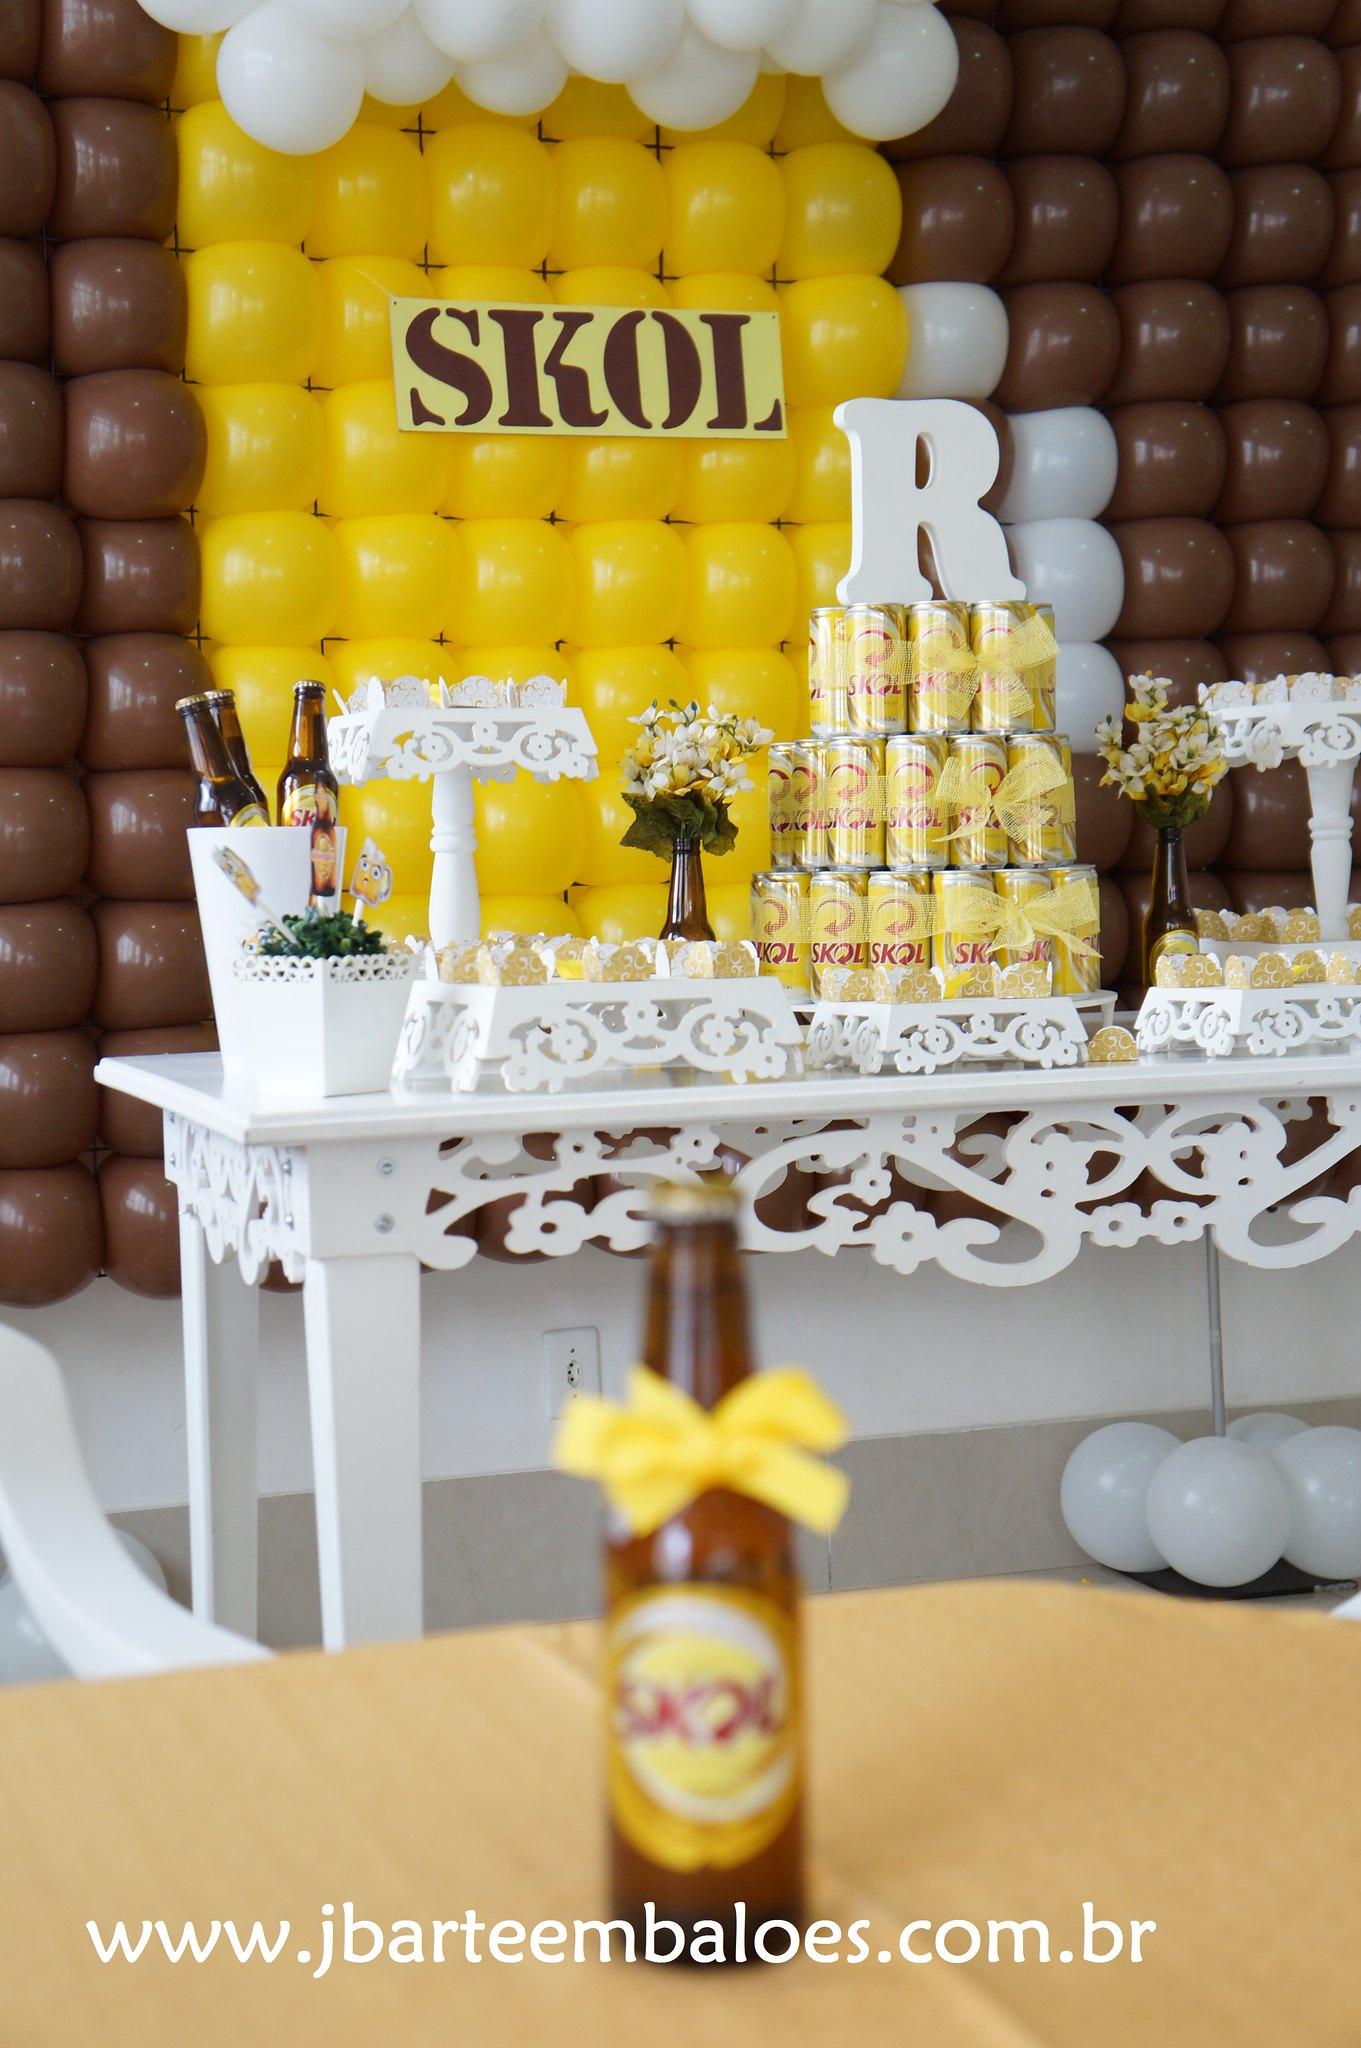 decoracao boteco skol : decoracao boteco skol:Decoração Boteco Skol com mesa provençal e painel de balão